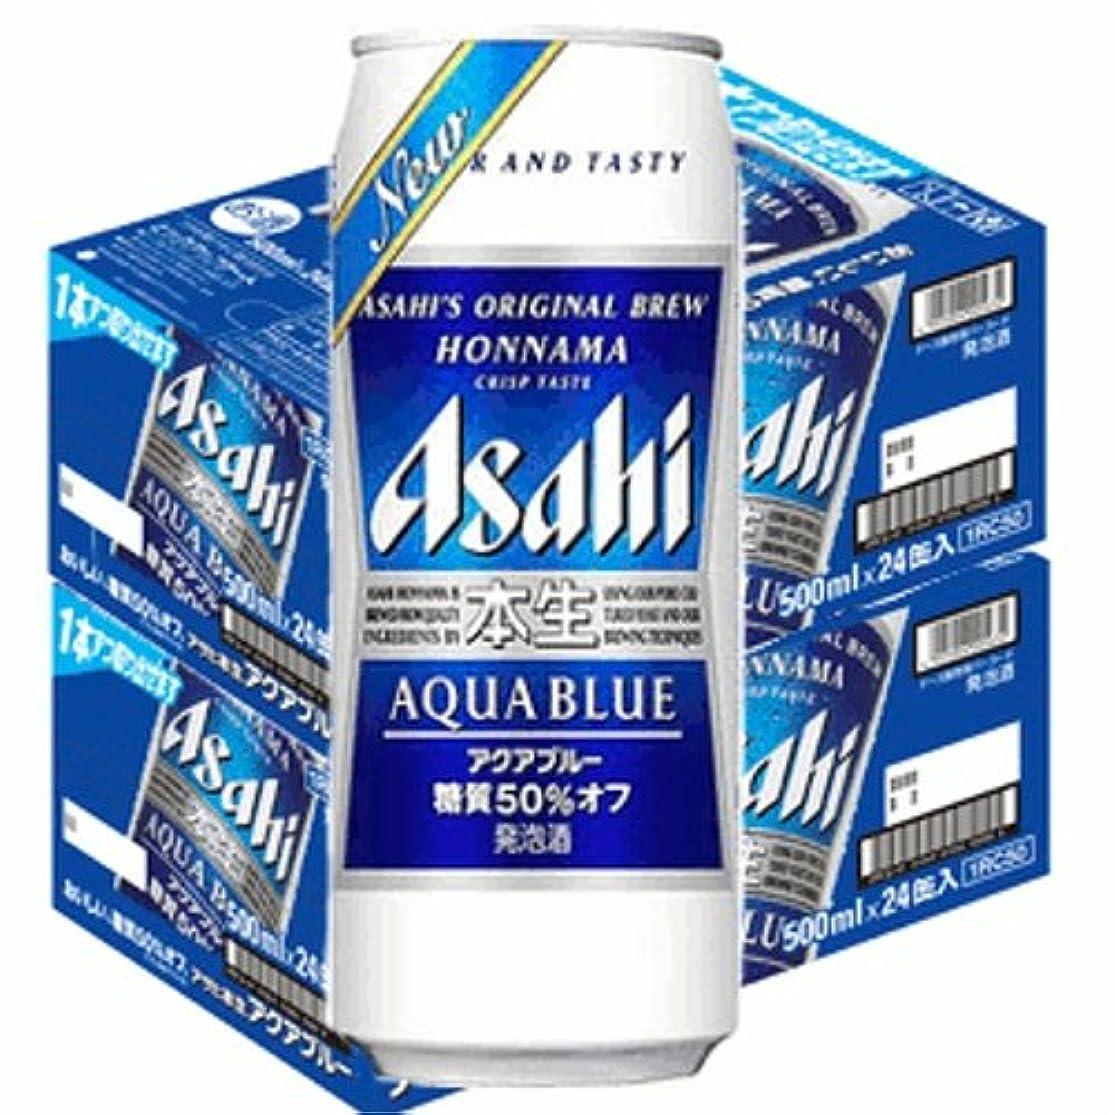 カスケードこどもセンター迷信アサヒ本生アクアブルー500ml缶2ケース(48本入)